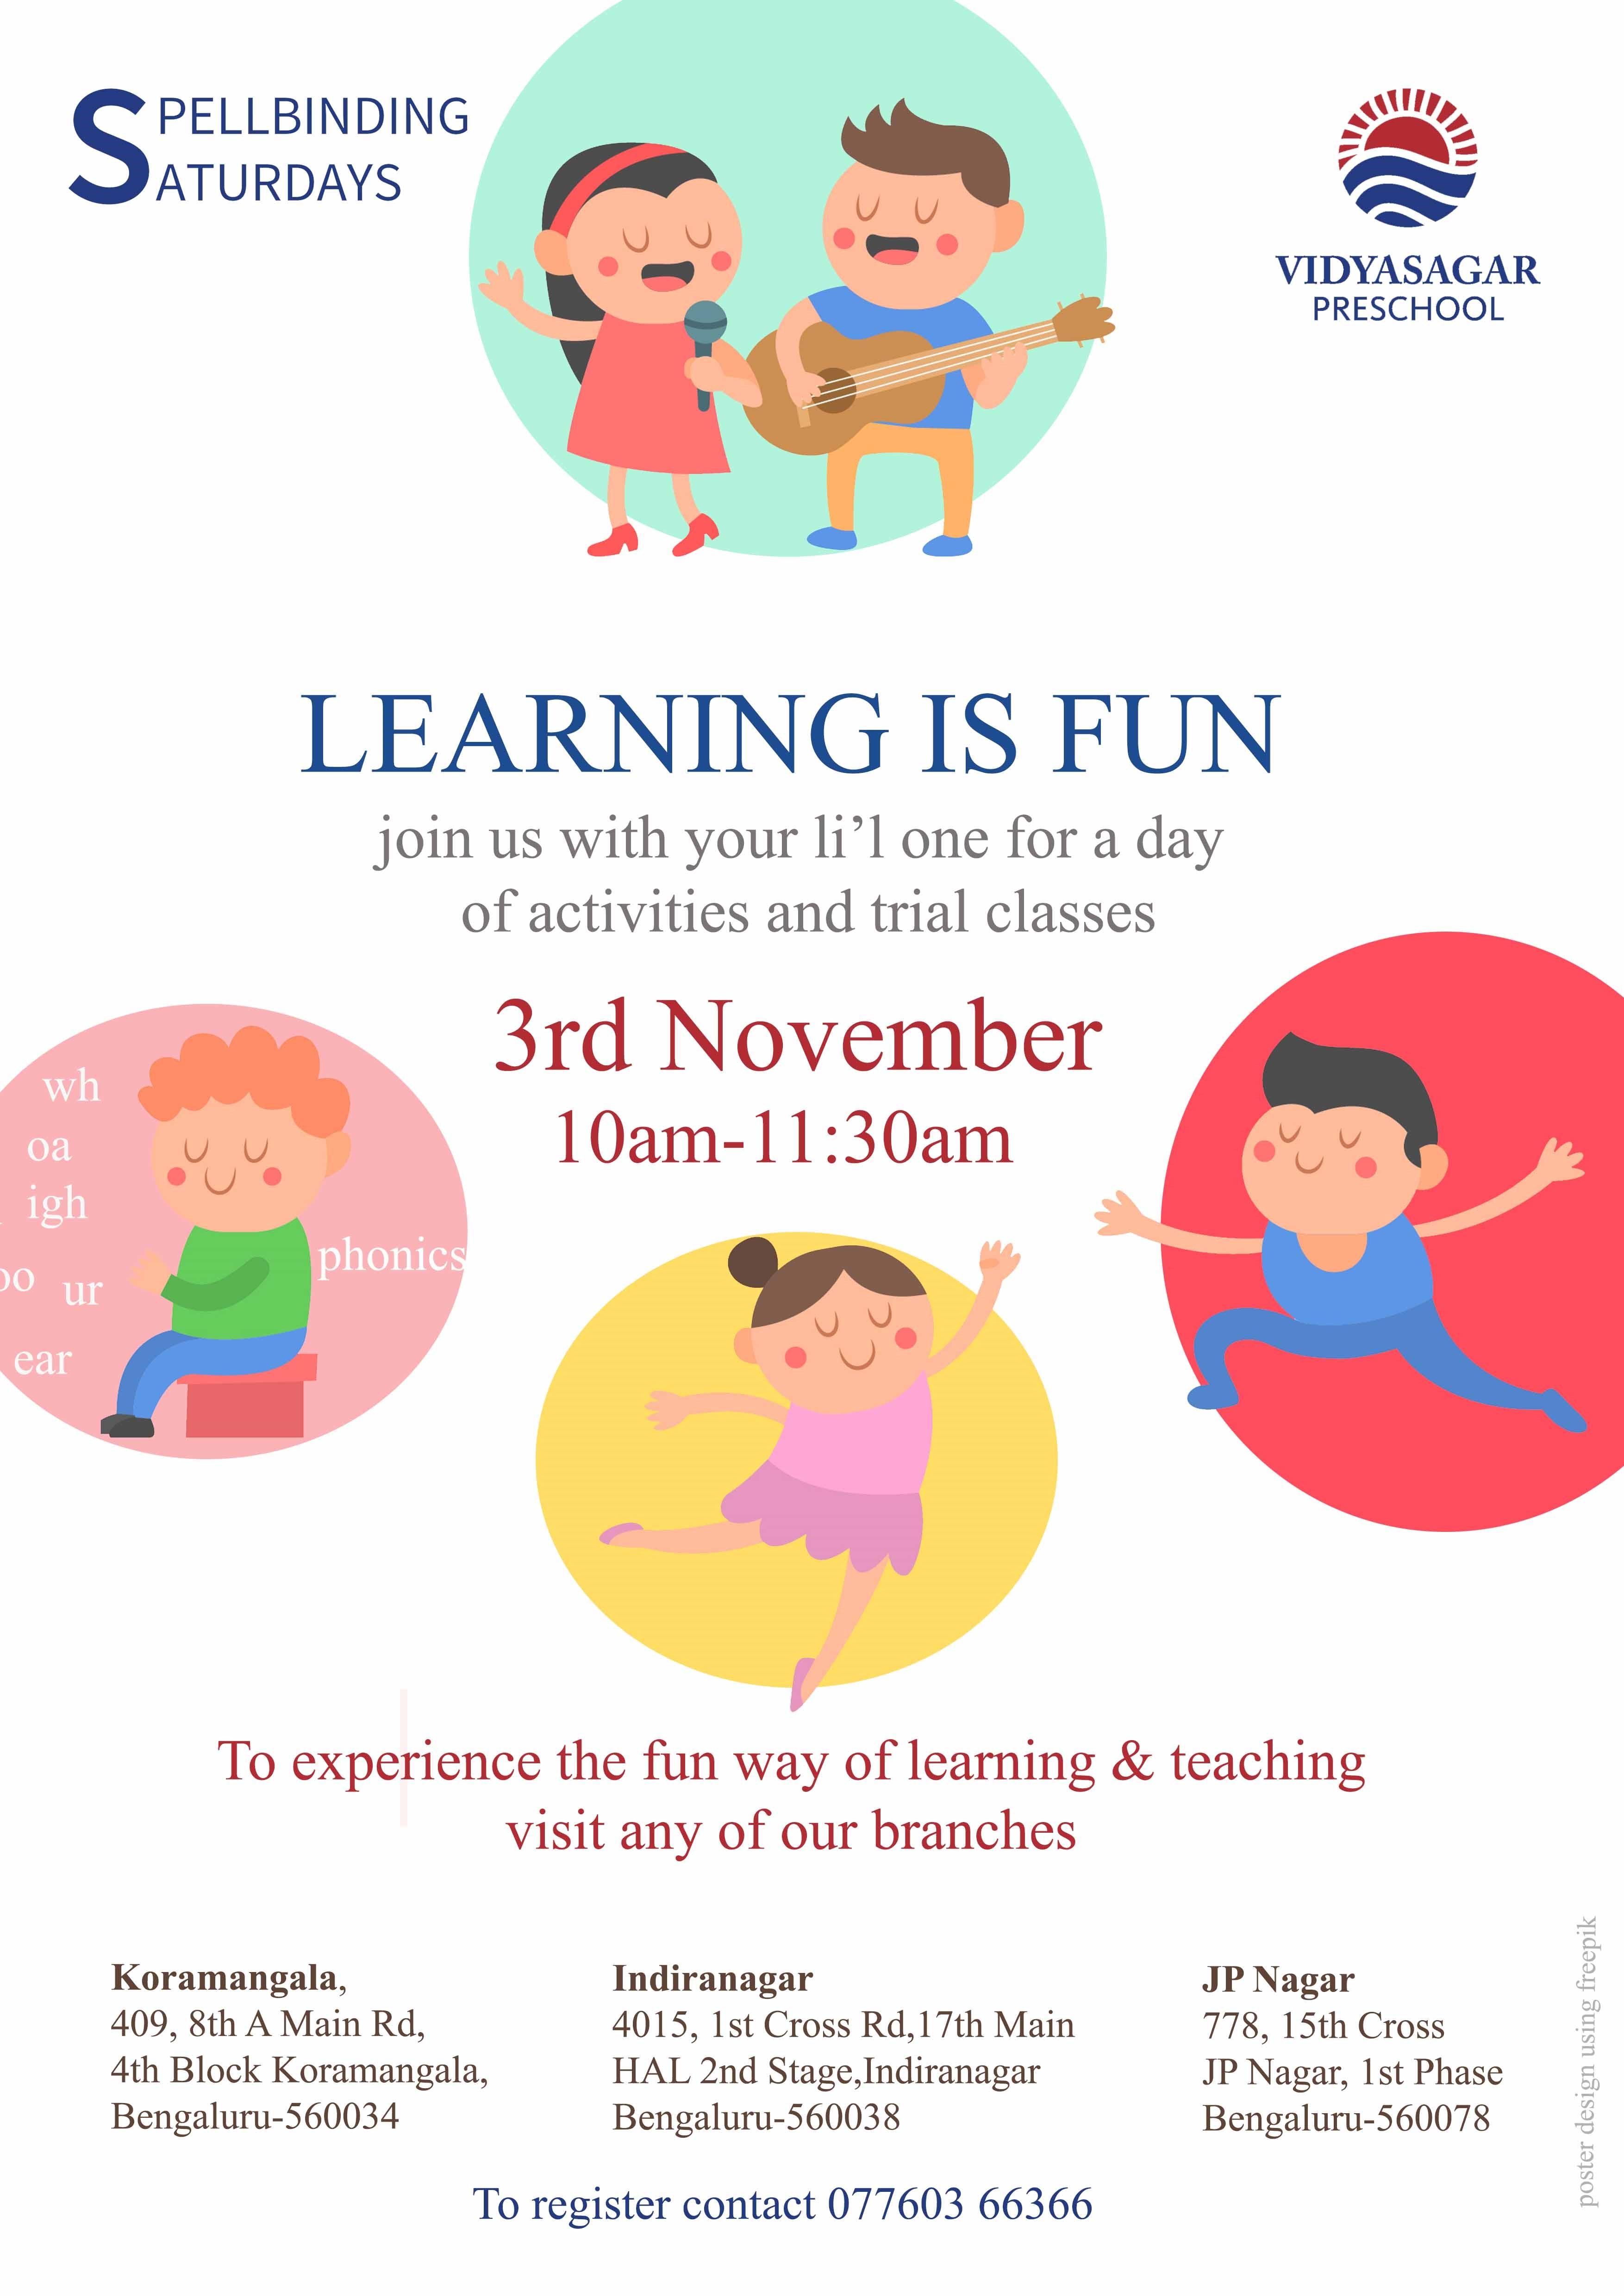 Learning is Fun - Vidyasagar Preschools